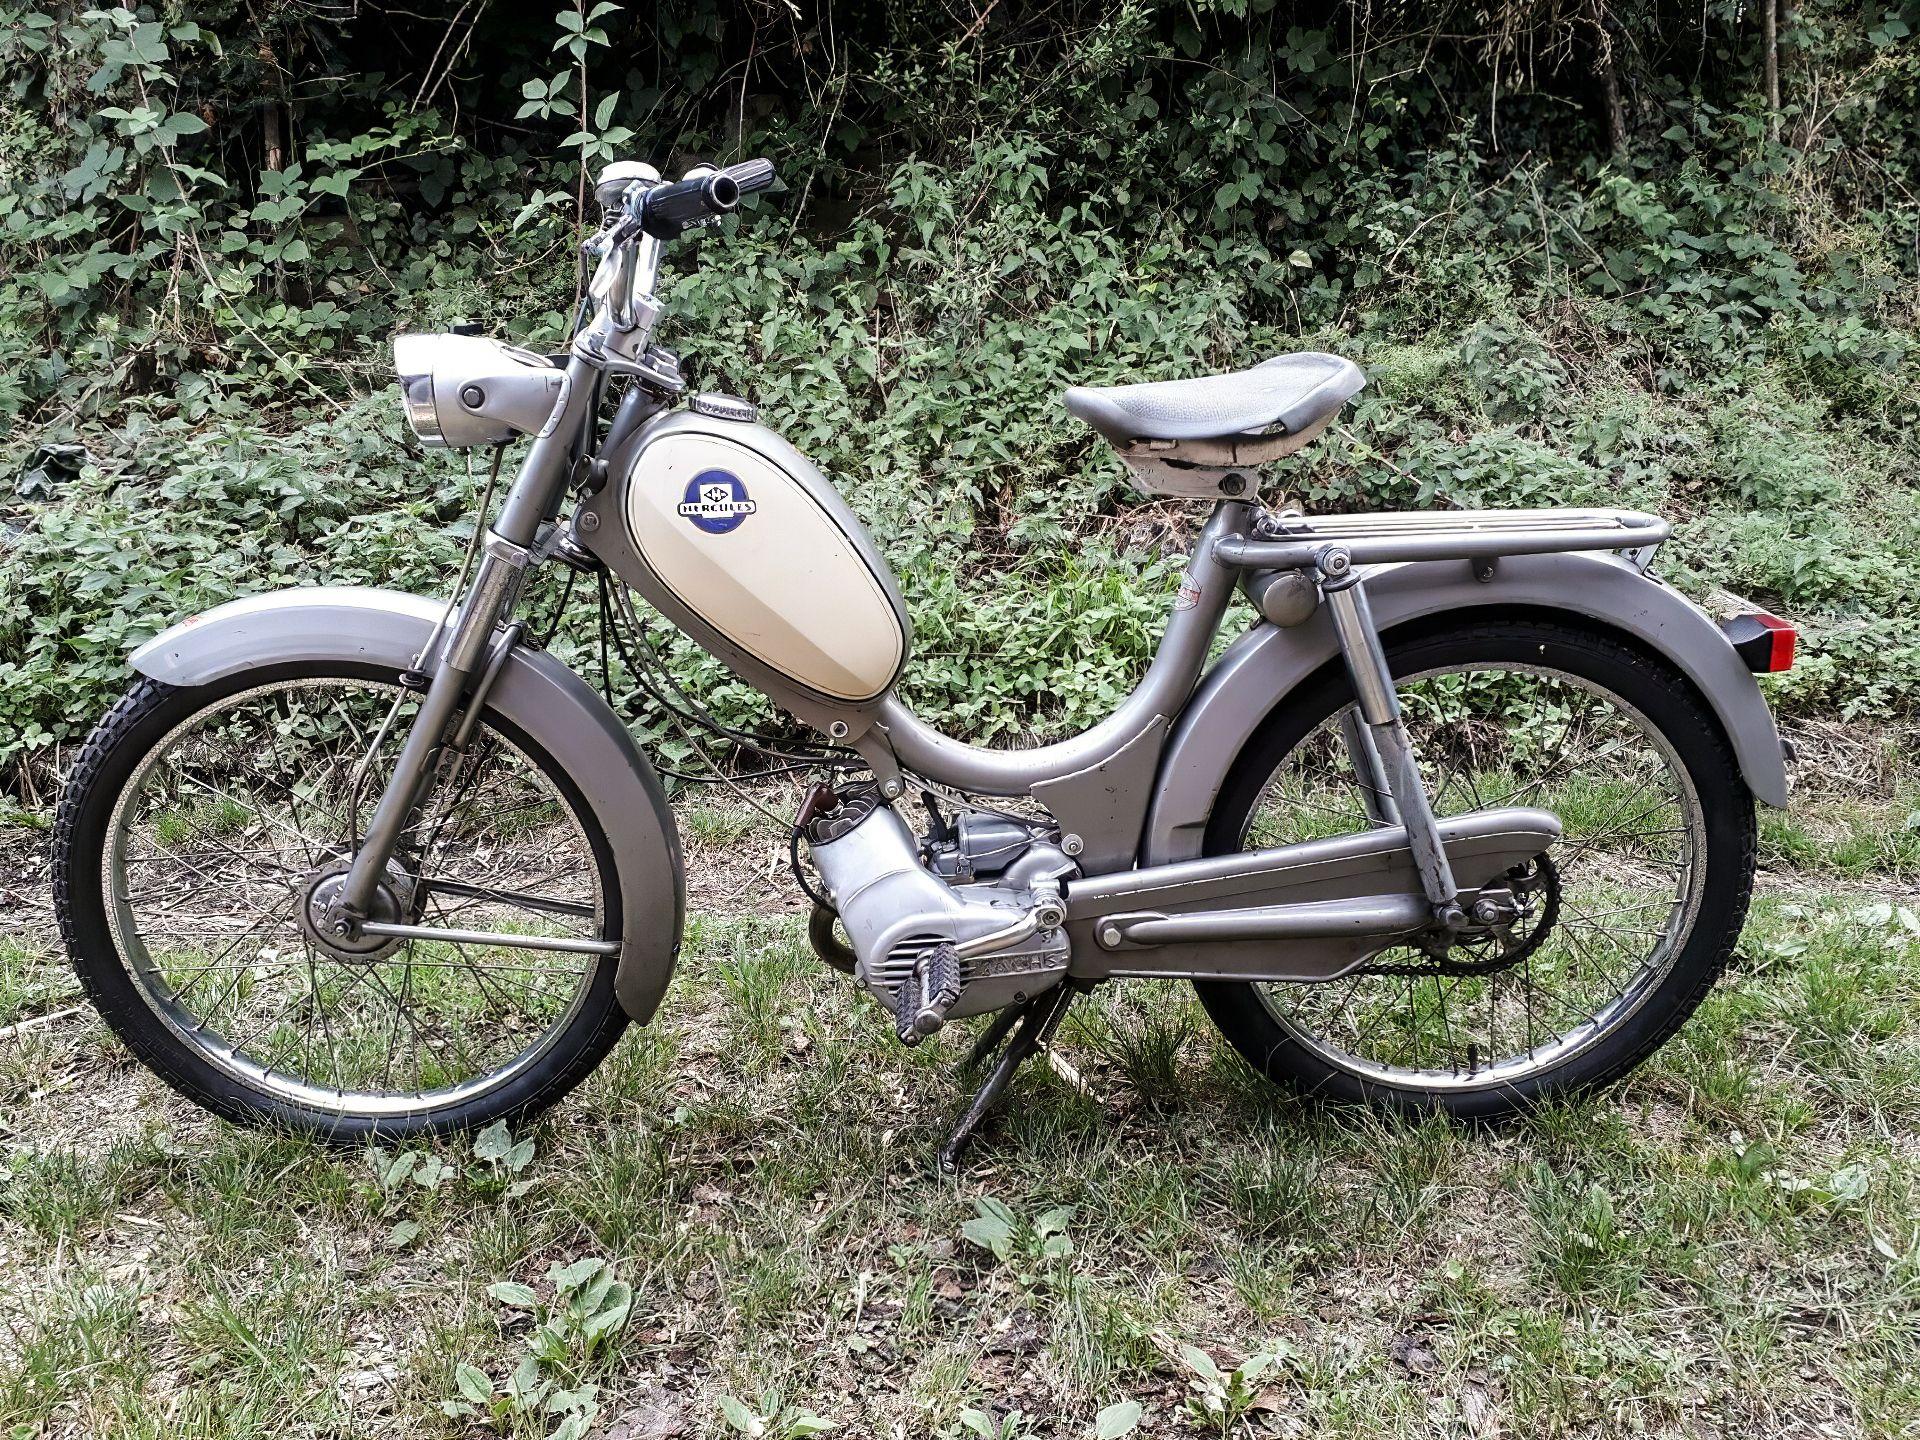 1969 Hercules Saxonette 222 Mf Mofa Mofa Motorrad